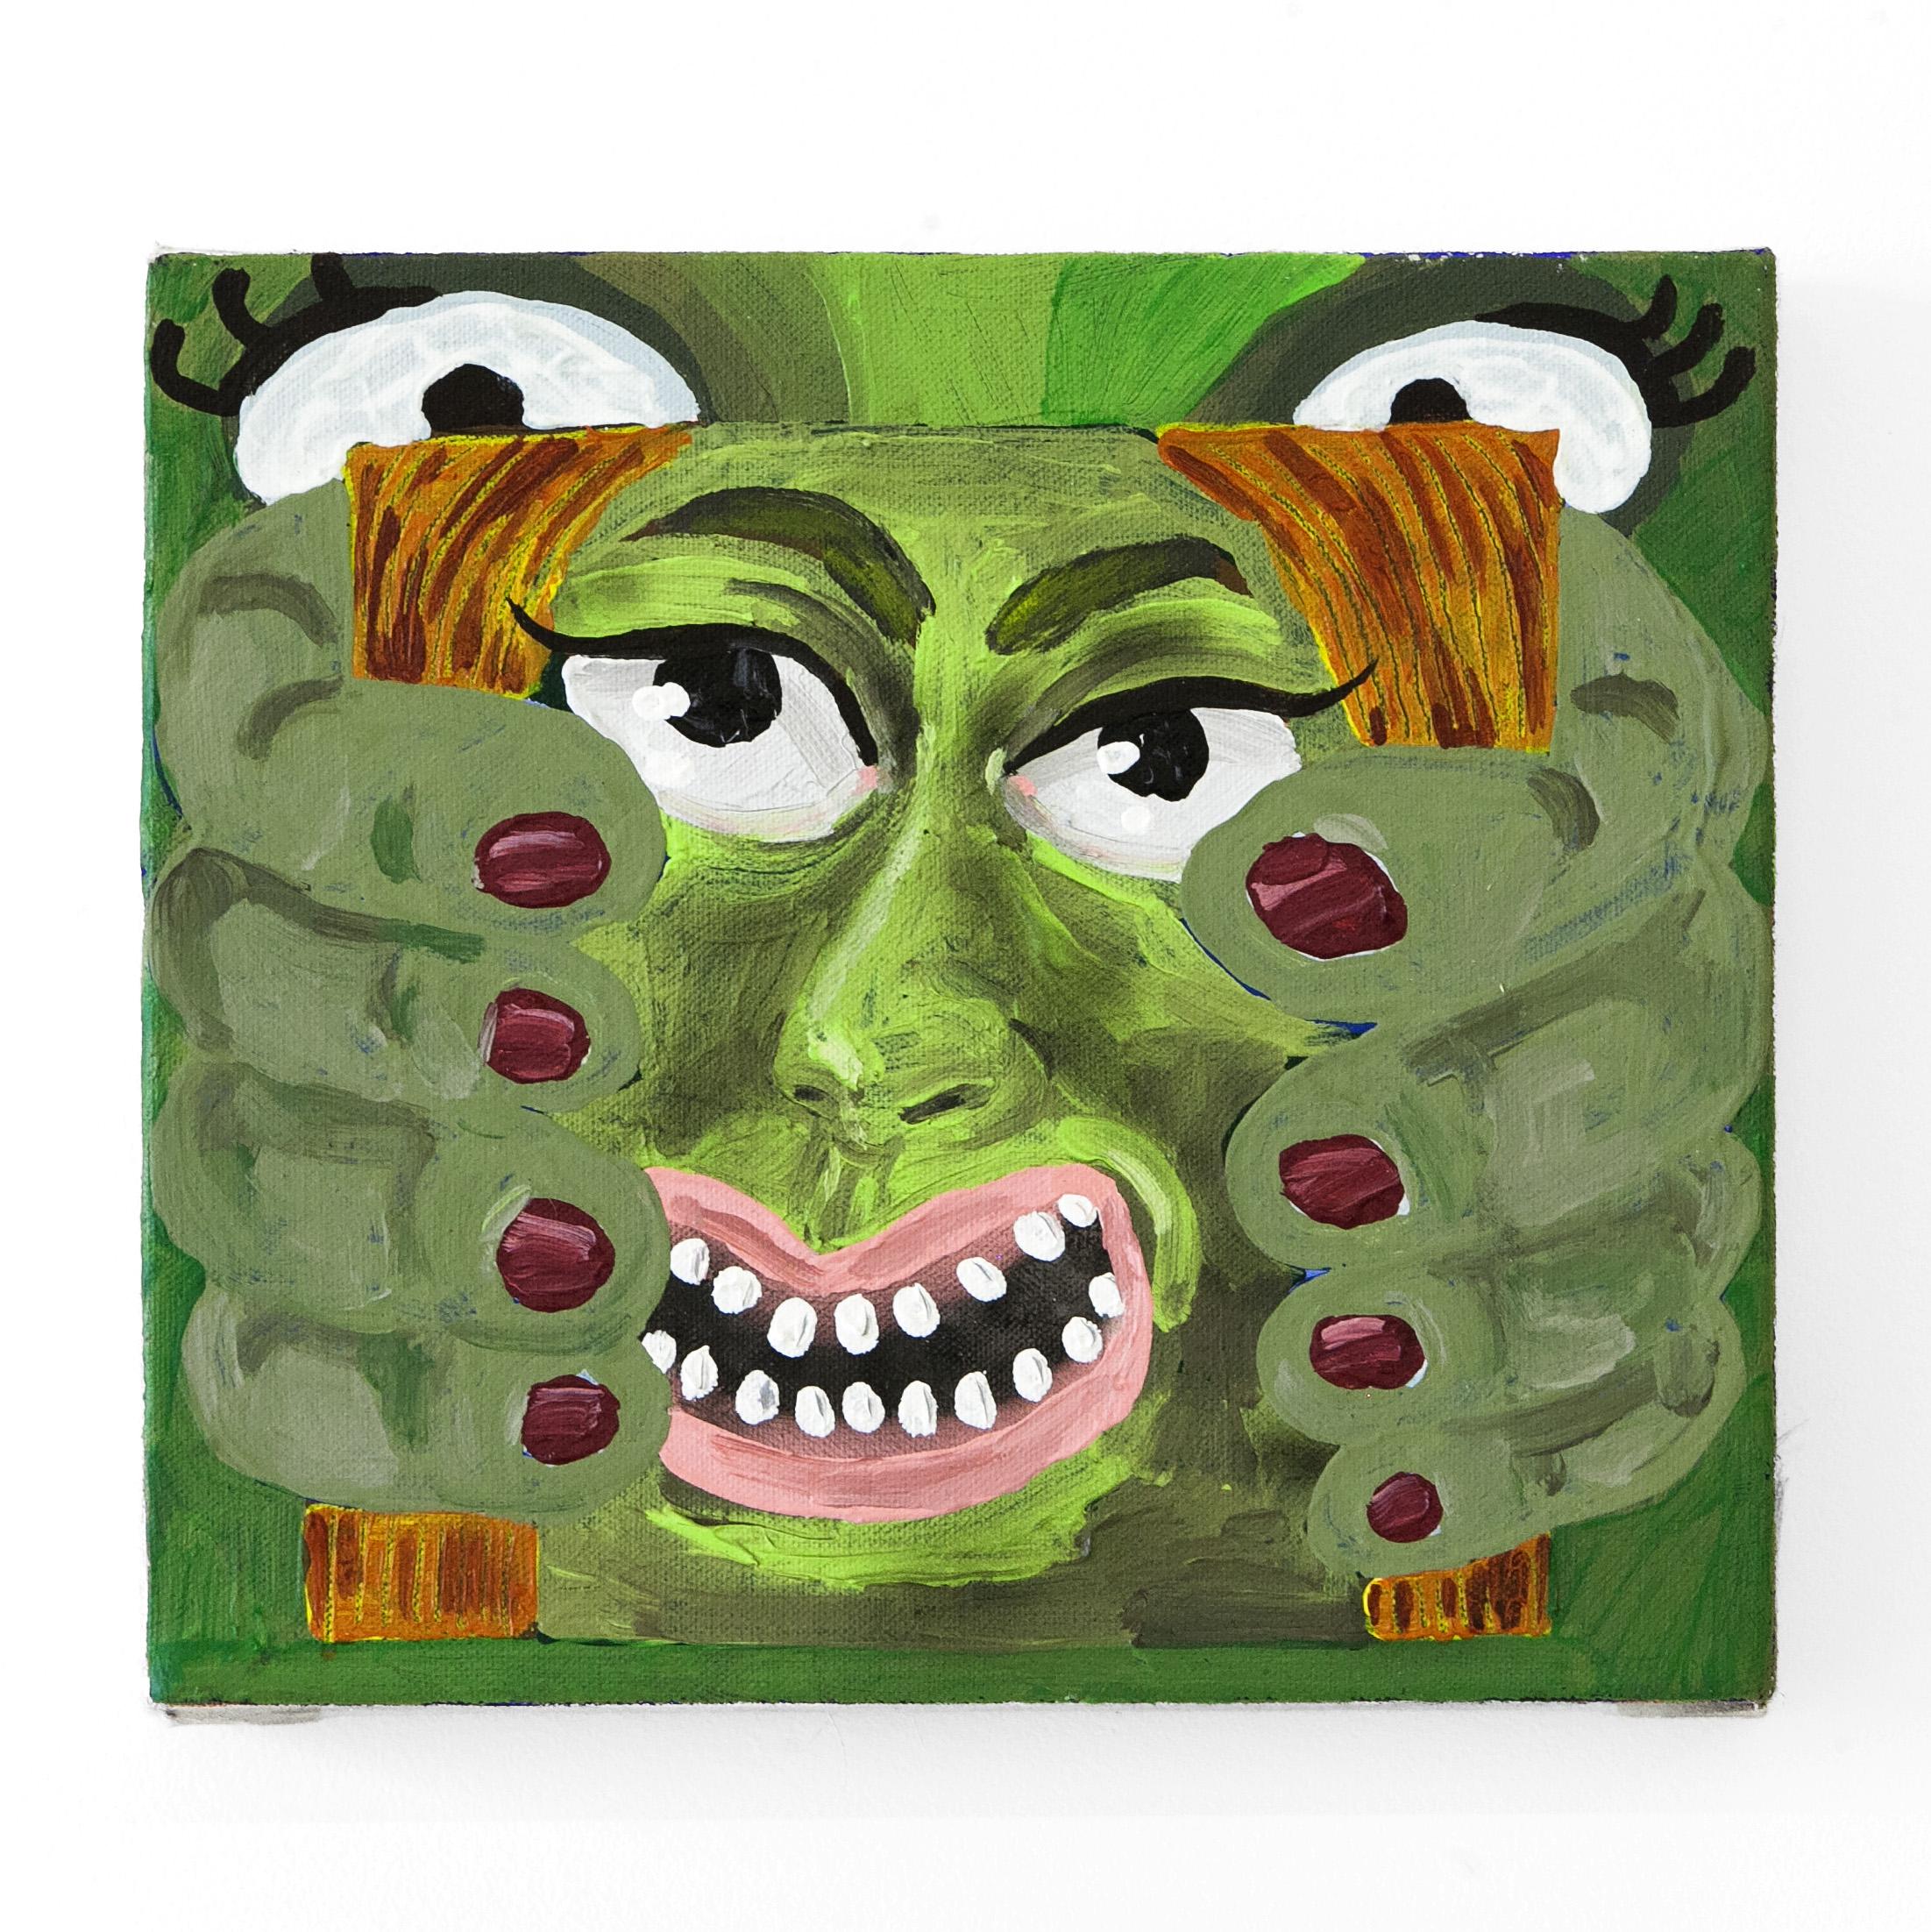 kellenchasuk_greenmask.jpg